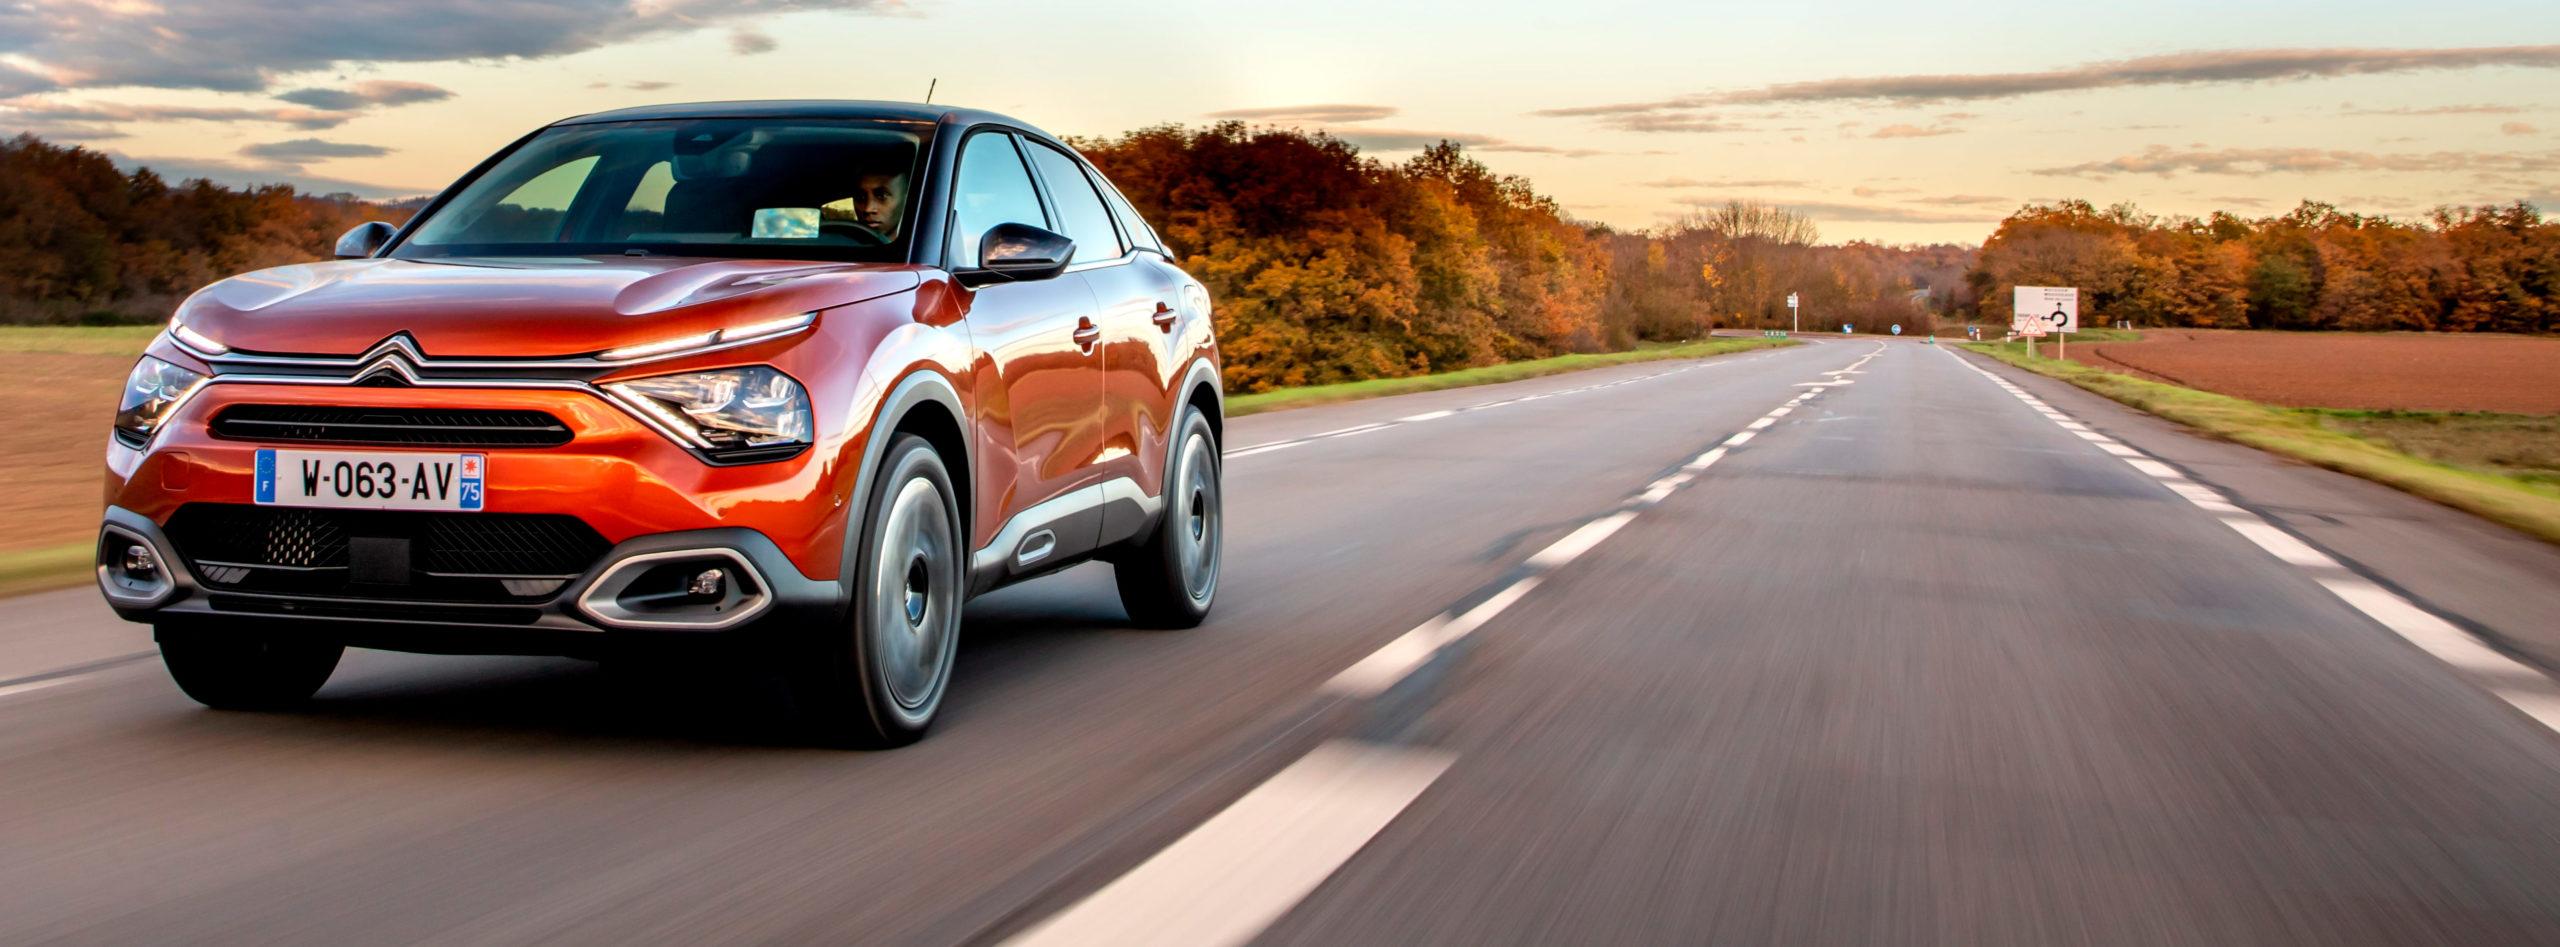 El 94% de la gama de Citroën no paga el impuesto de matriculación hasta 2022